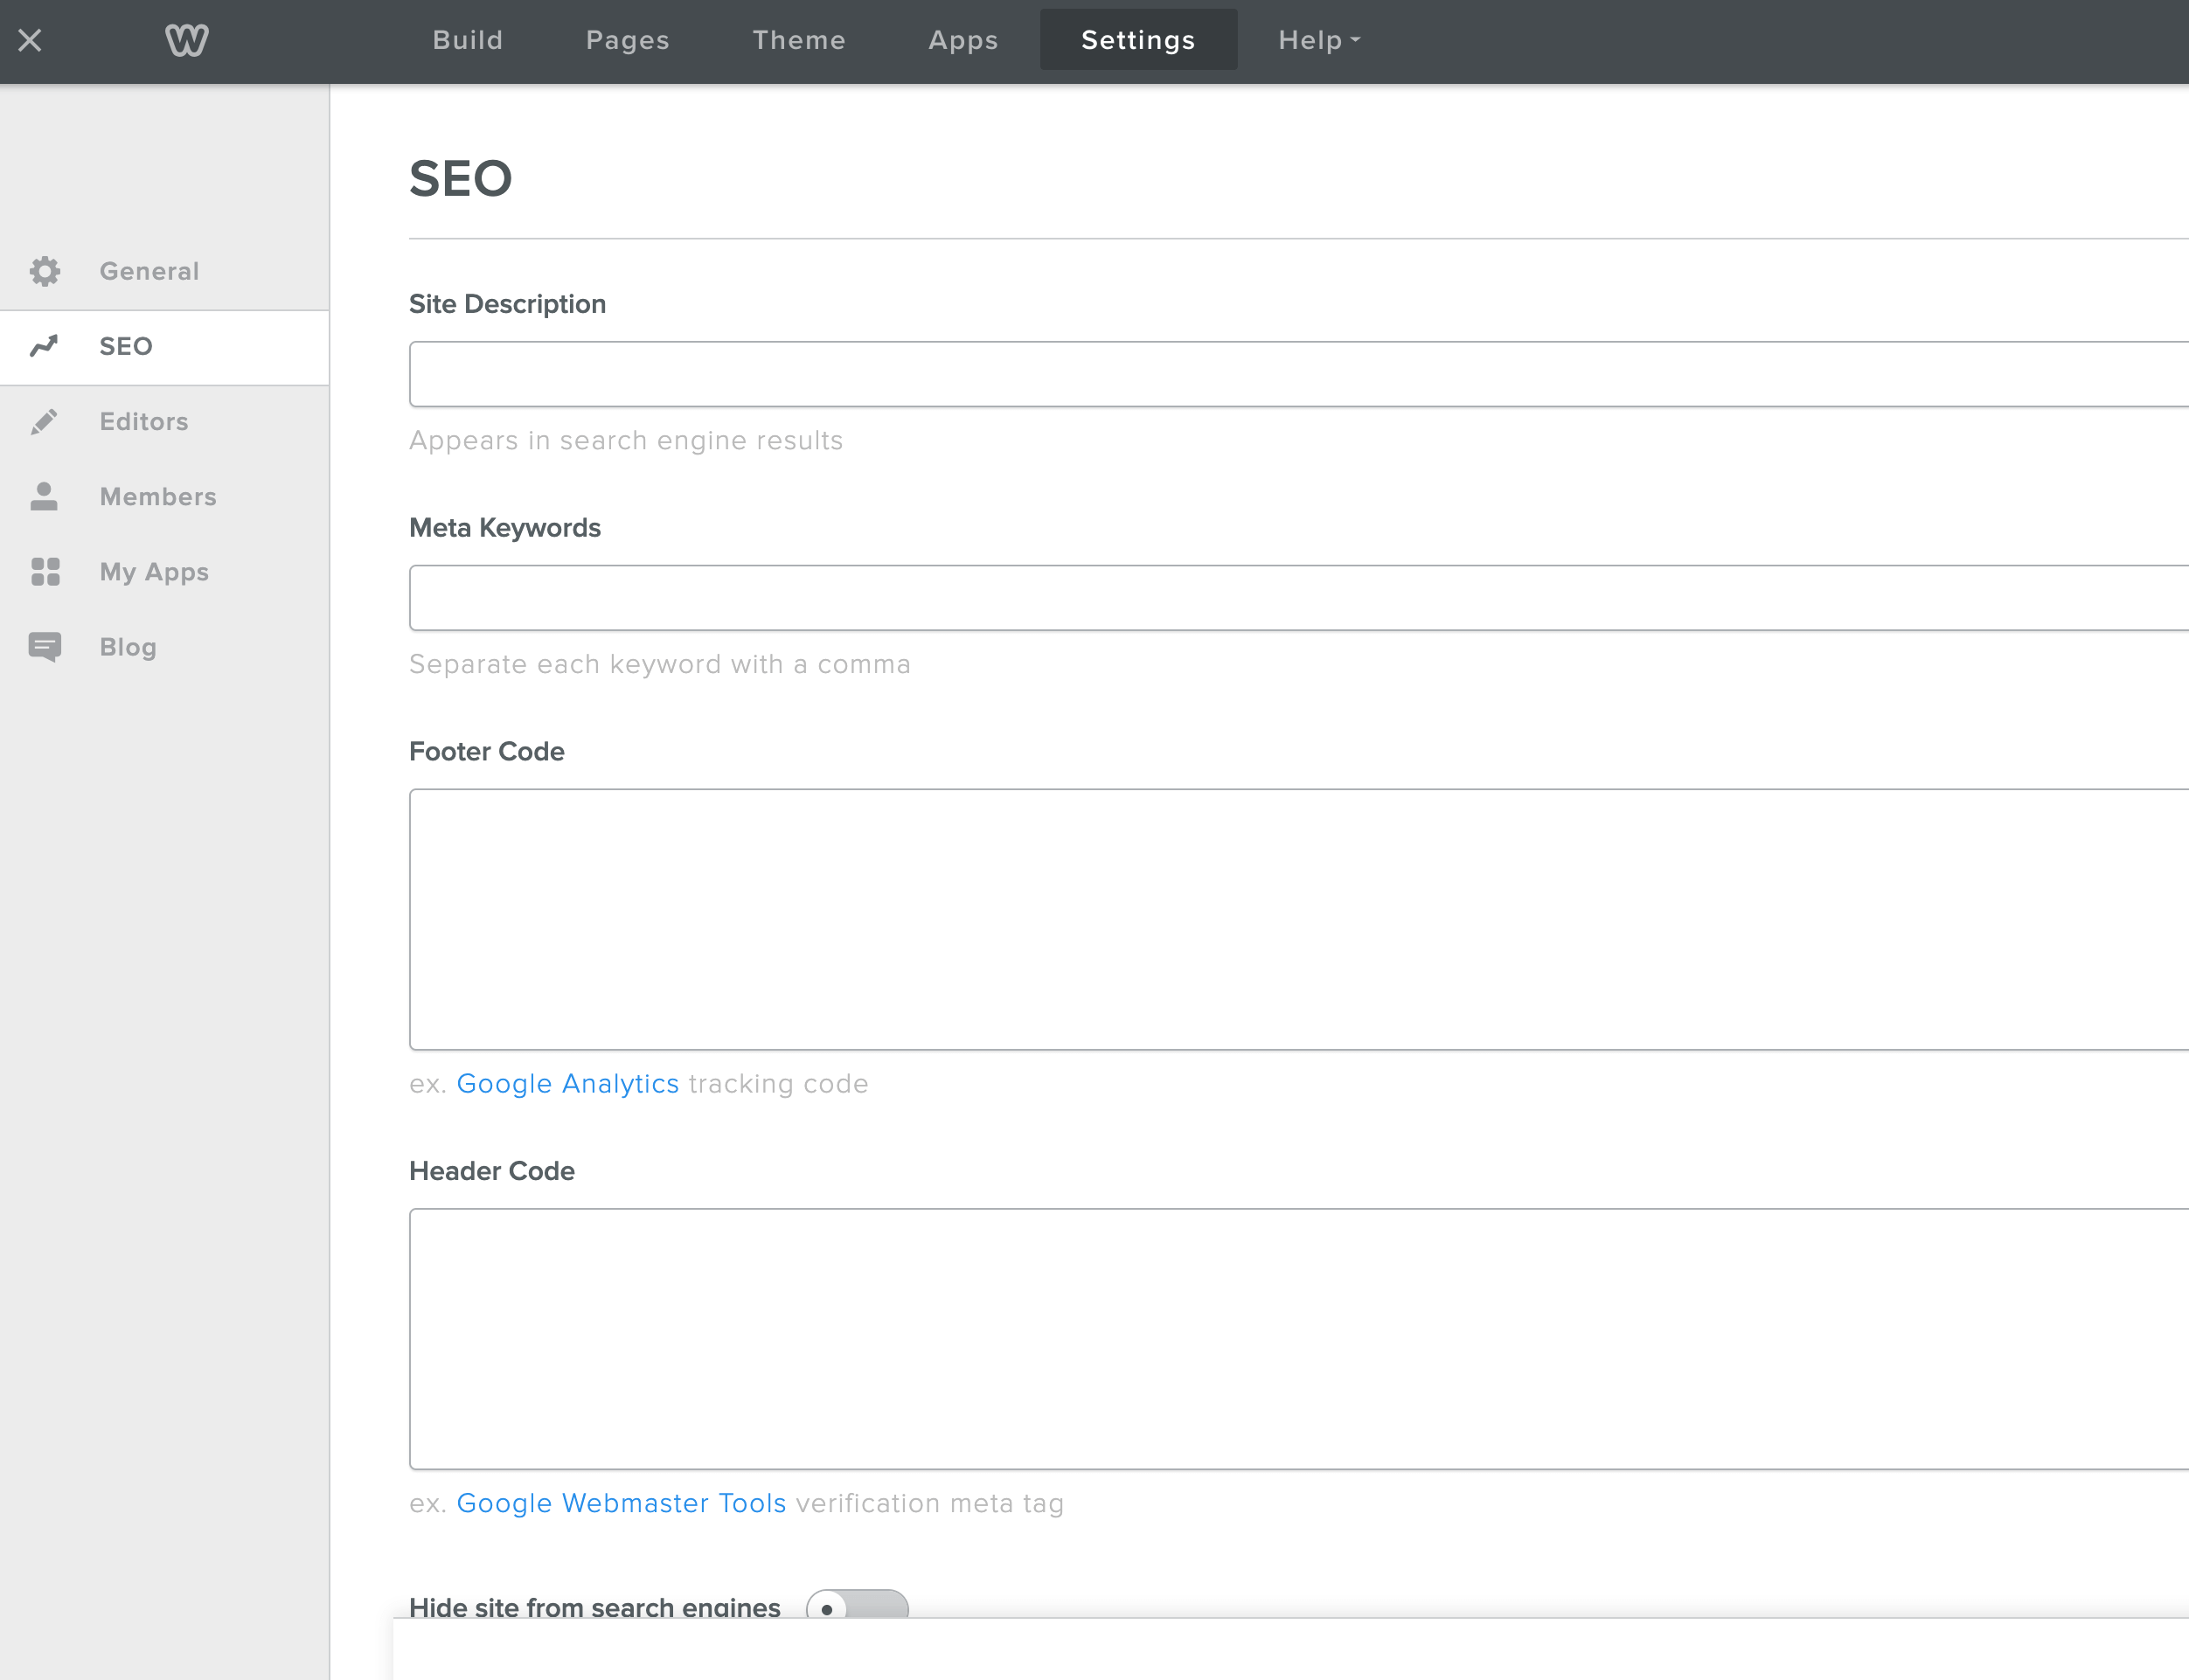 Weebly-webbplats SEO-alternativ